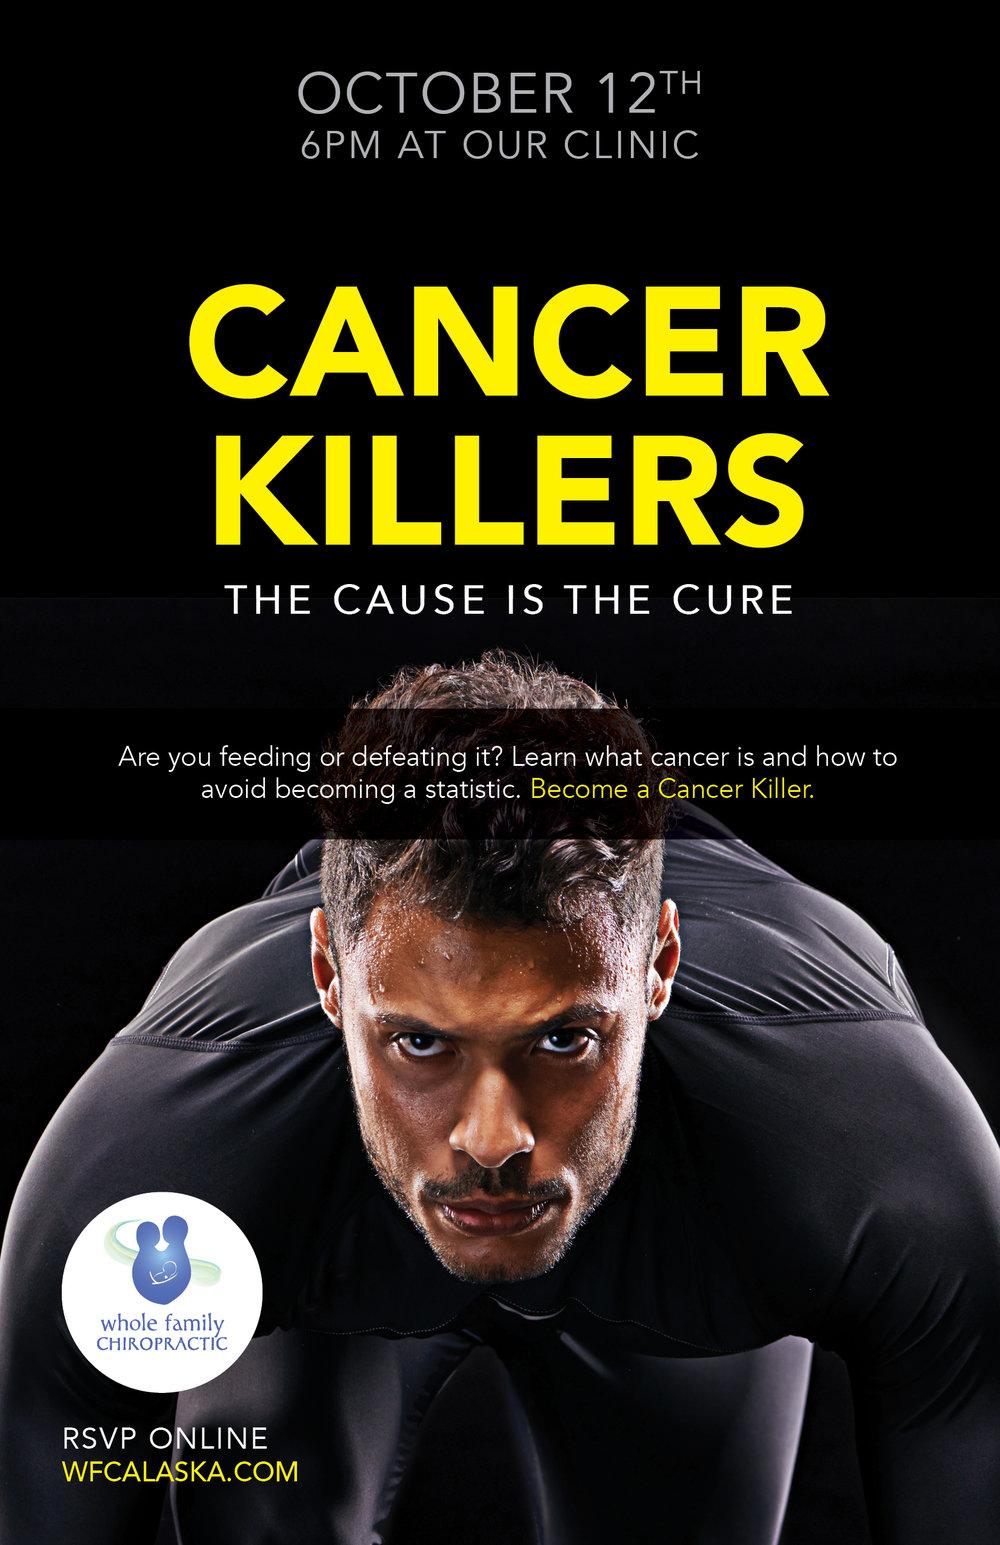 cancer killers 2017 v1.jpg